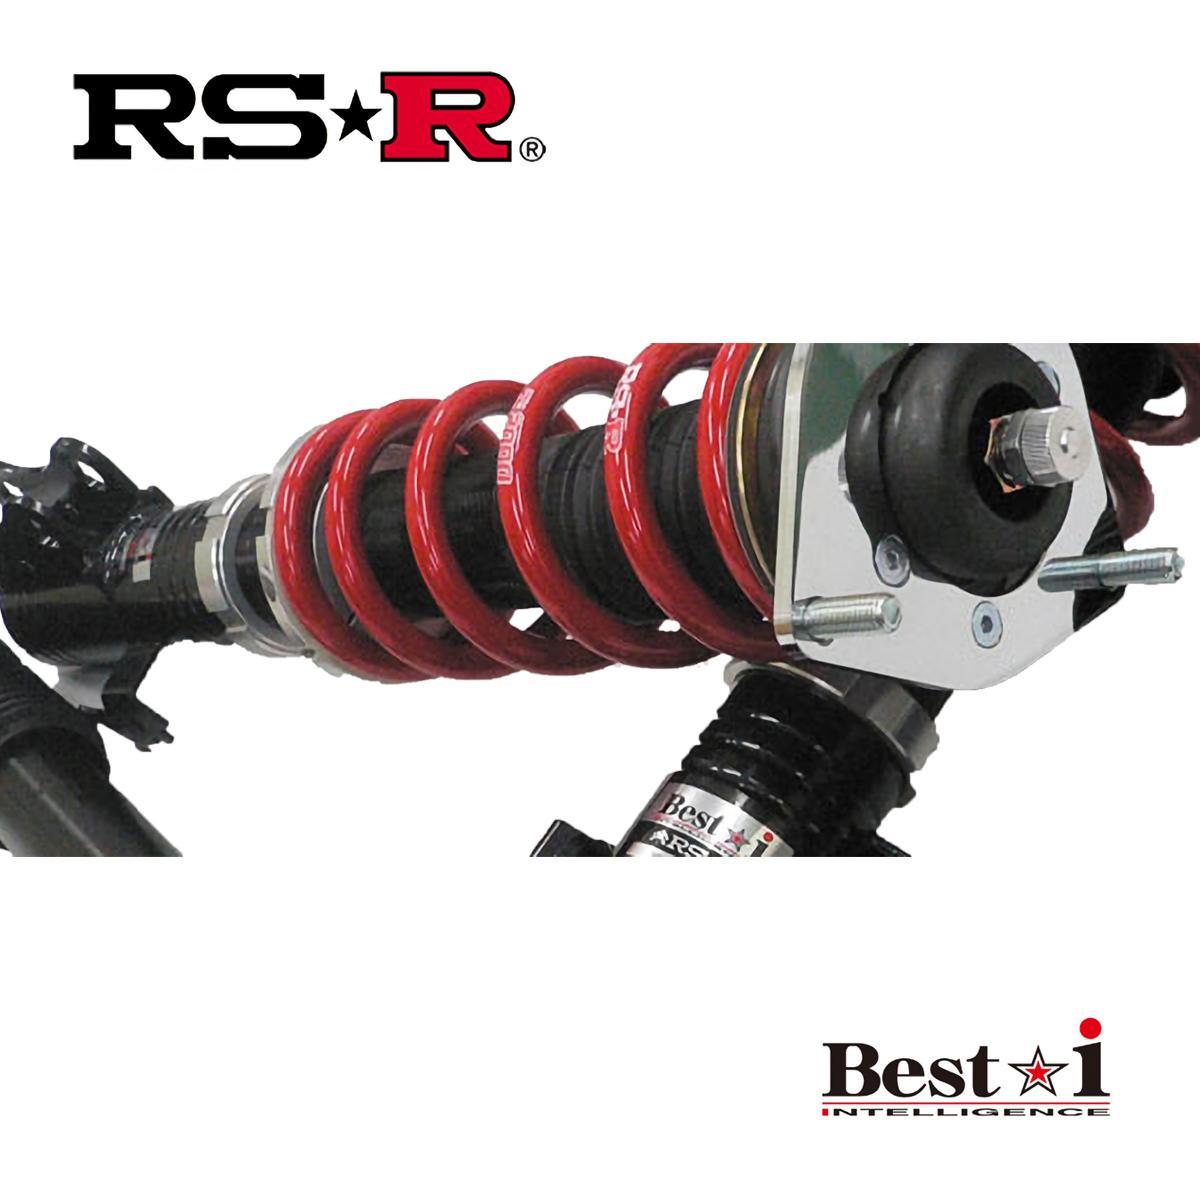 RS-R プリウス S ZVW50 車高調 リア車高調整:ネジ式/推奨バネレート仕様 BIT582M ベストi RSR 個人宅発送追金有